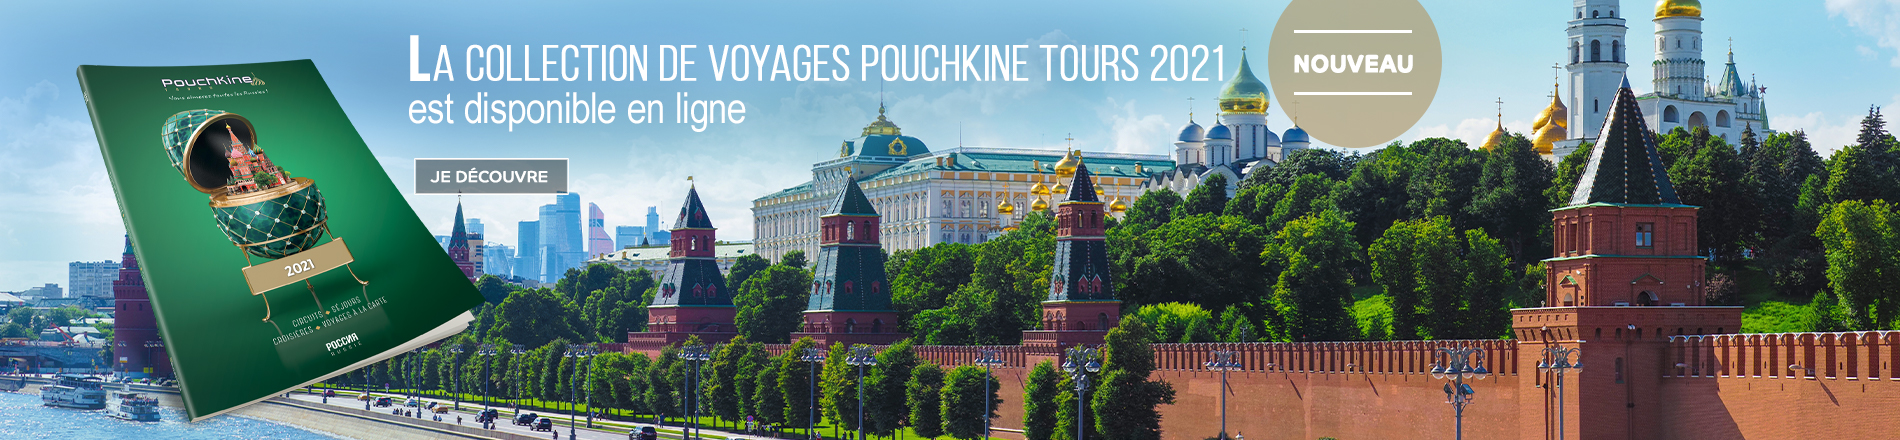 Nouvelle collection de voyages Pouchkine Tours